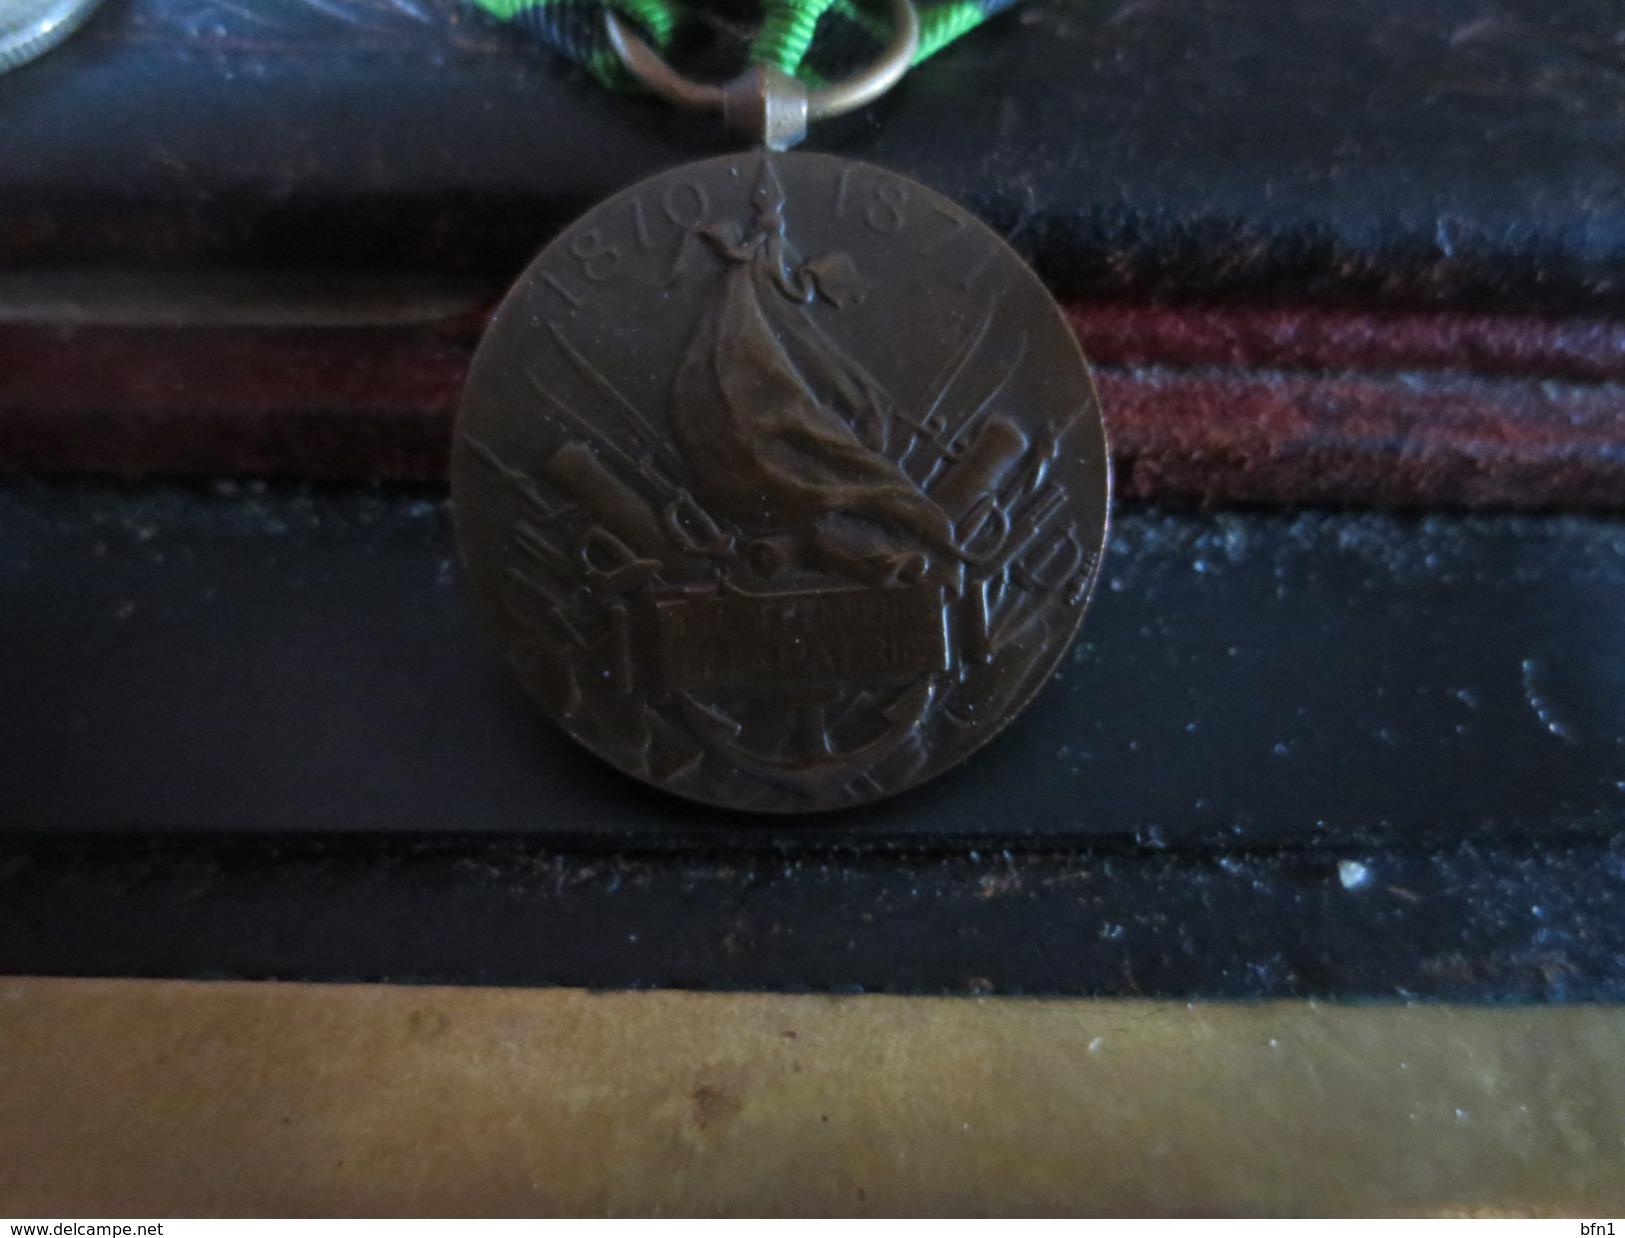 MEDAILLE - AUX DEFENSEURS DE LA PATRIE - 1870-1871-  VOIR PHOTOS - Médailles & Décorations